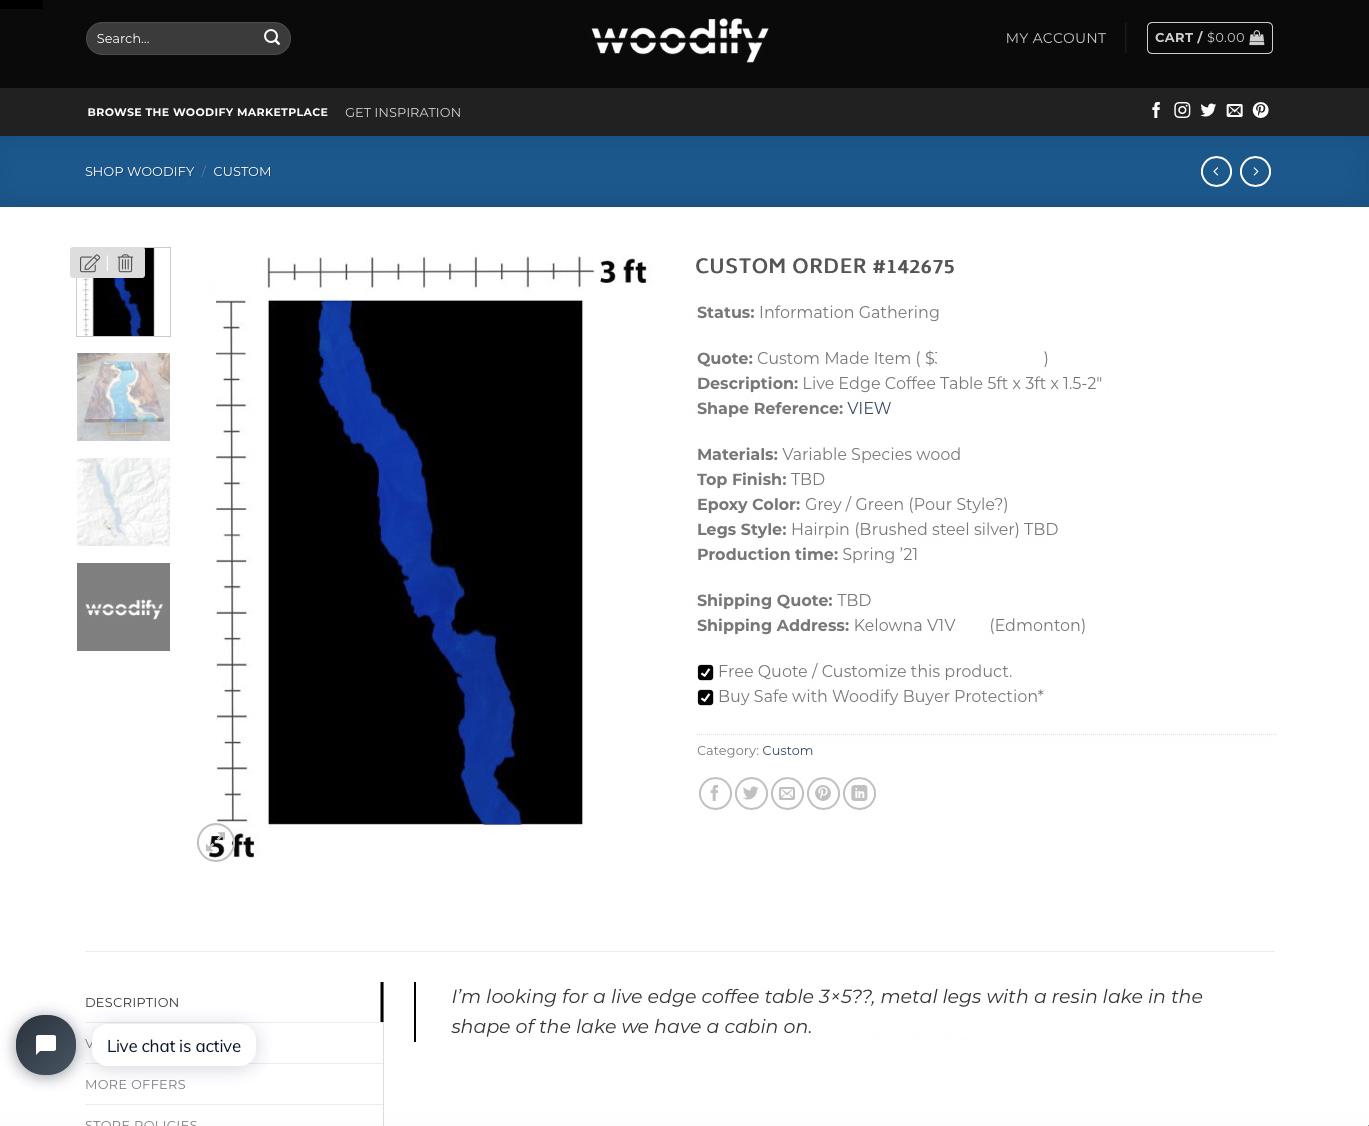 Custom Order Page - Woodify Canada